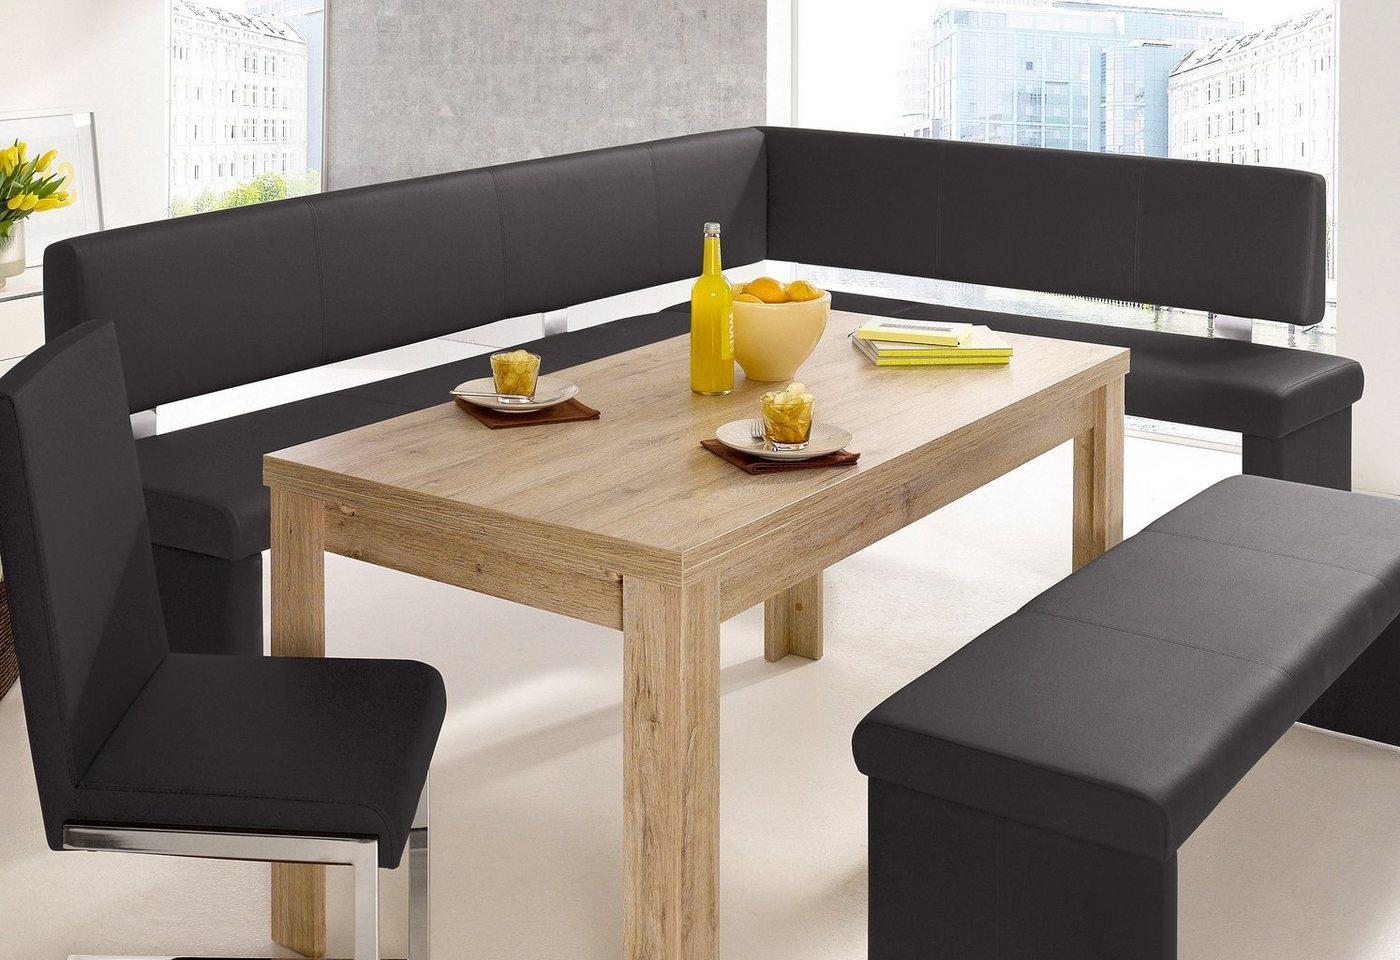 design eckbank otto neuesten design kollektionen f r die familien. Black Bedroom Furniture Sets. Home Design Ideas